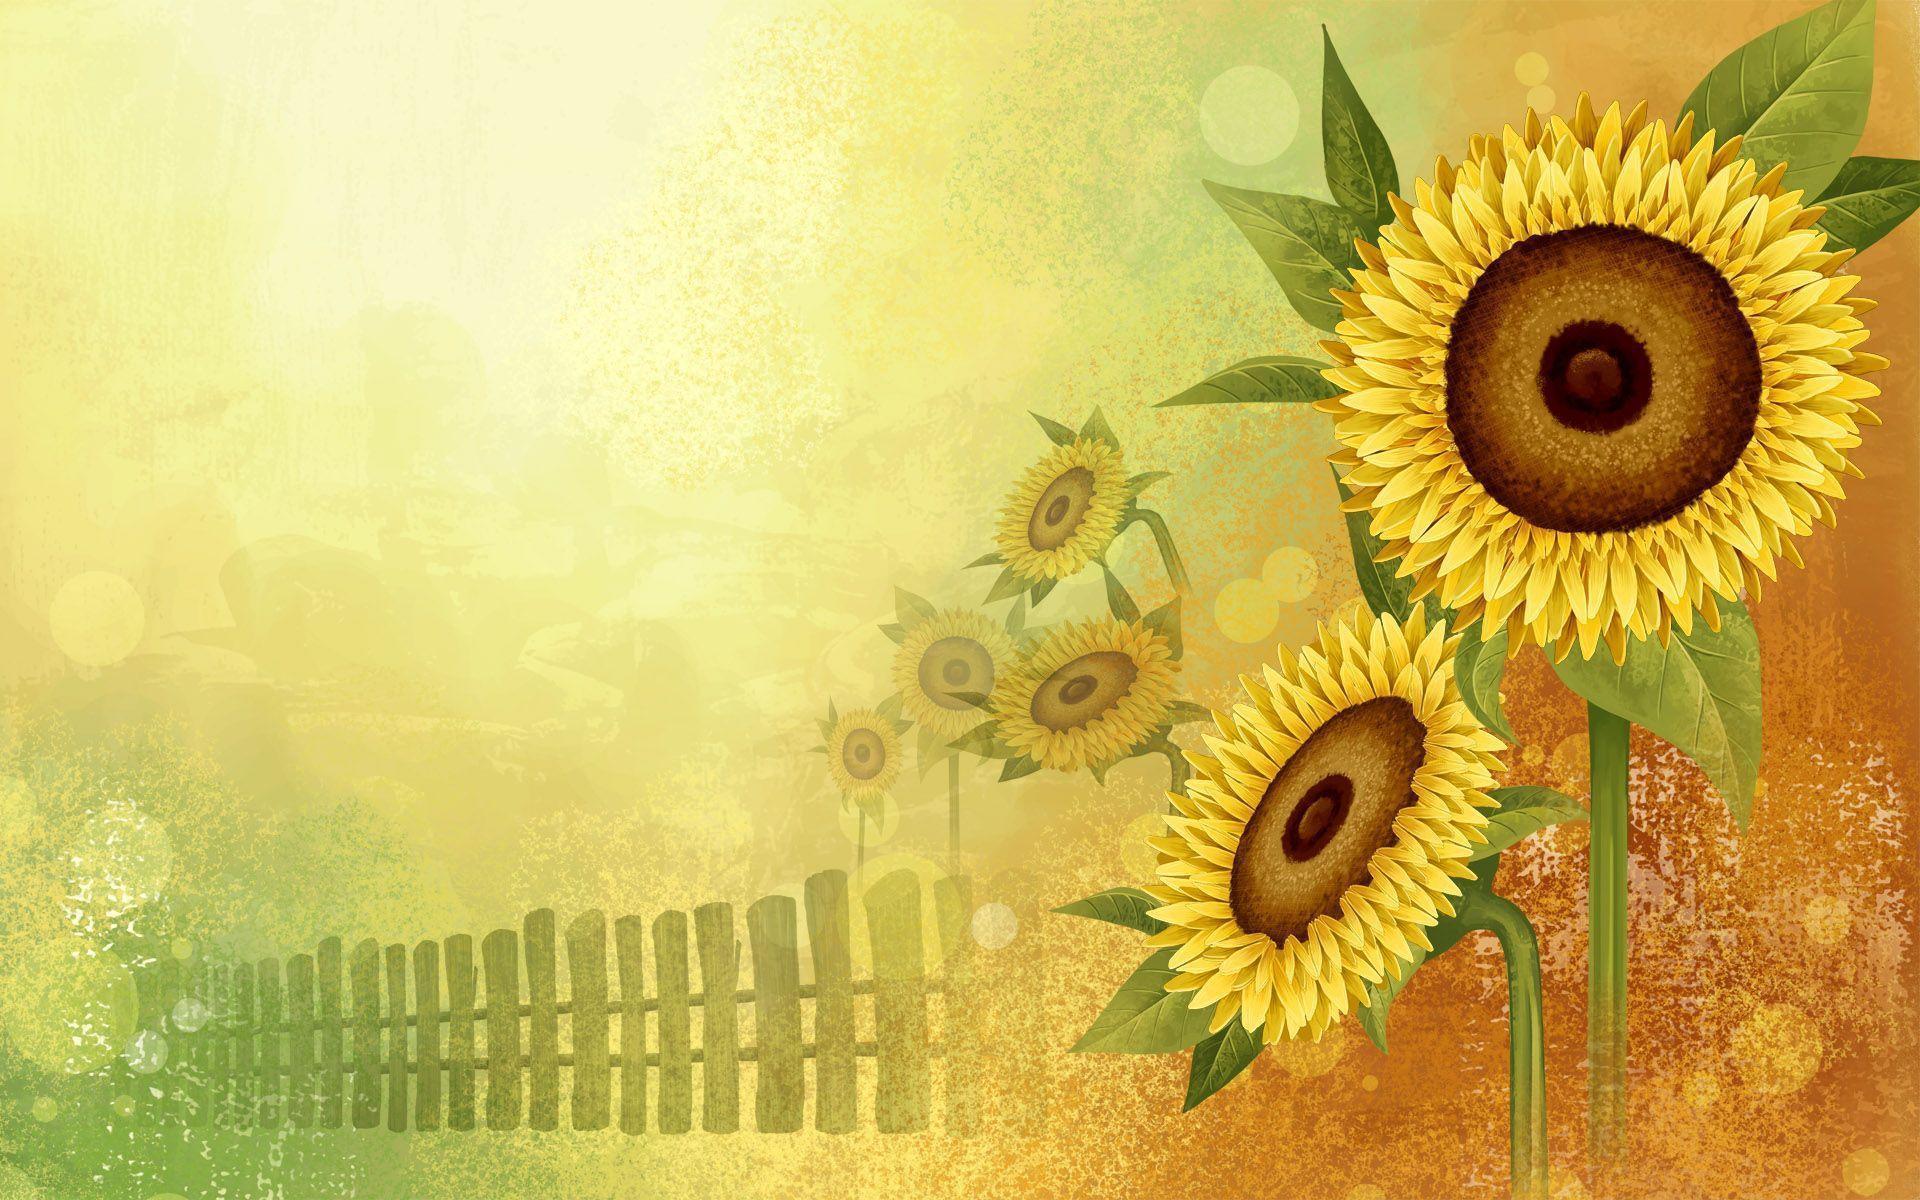 sunflower tumblr wallpaper full - photo #42